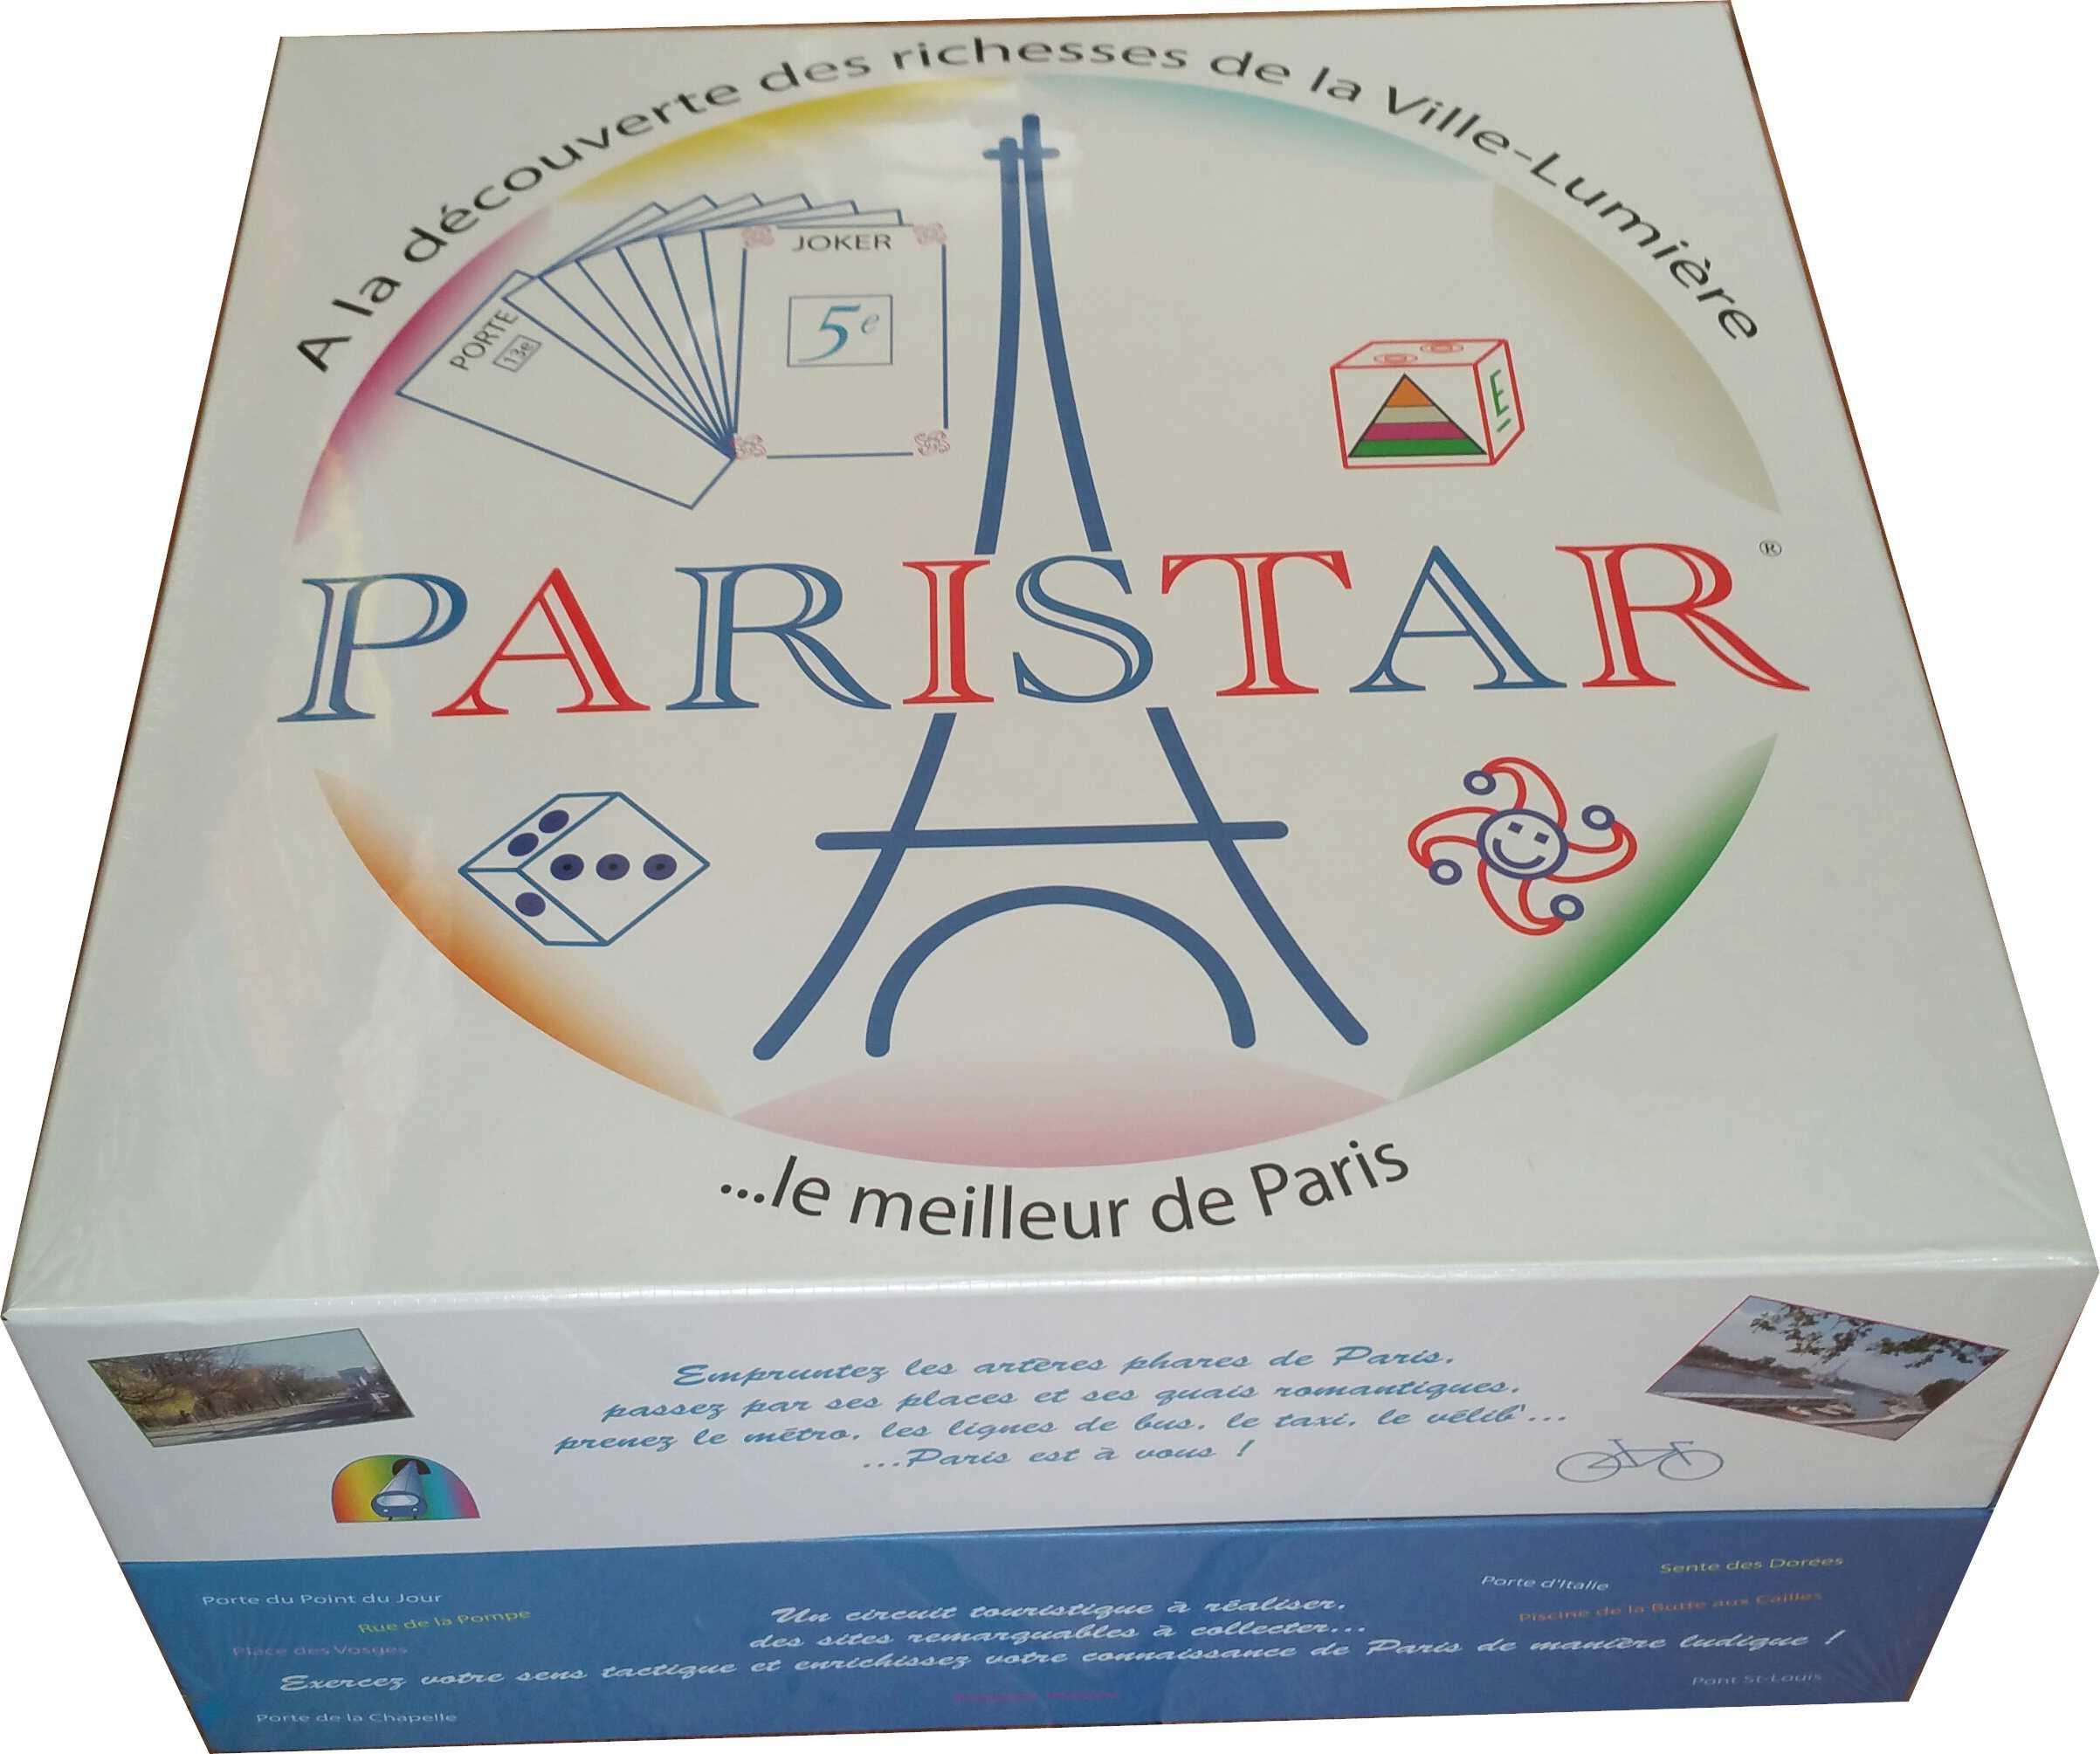 Paristar